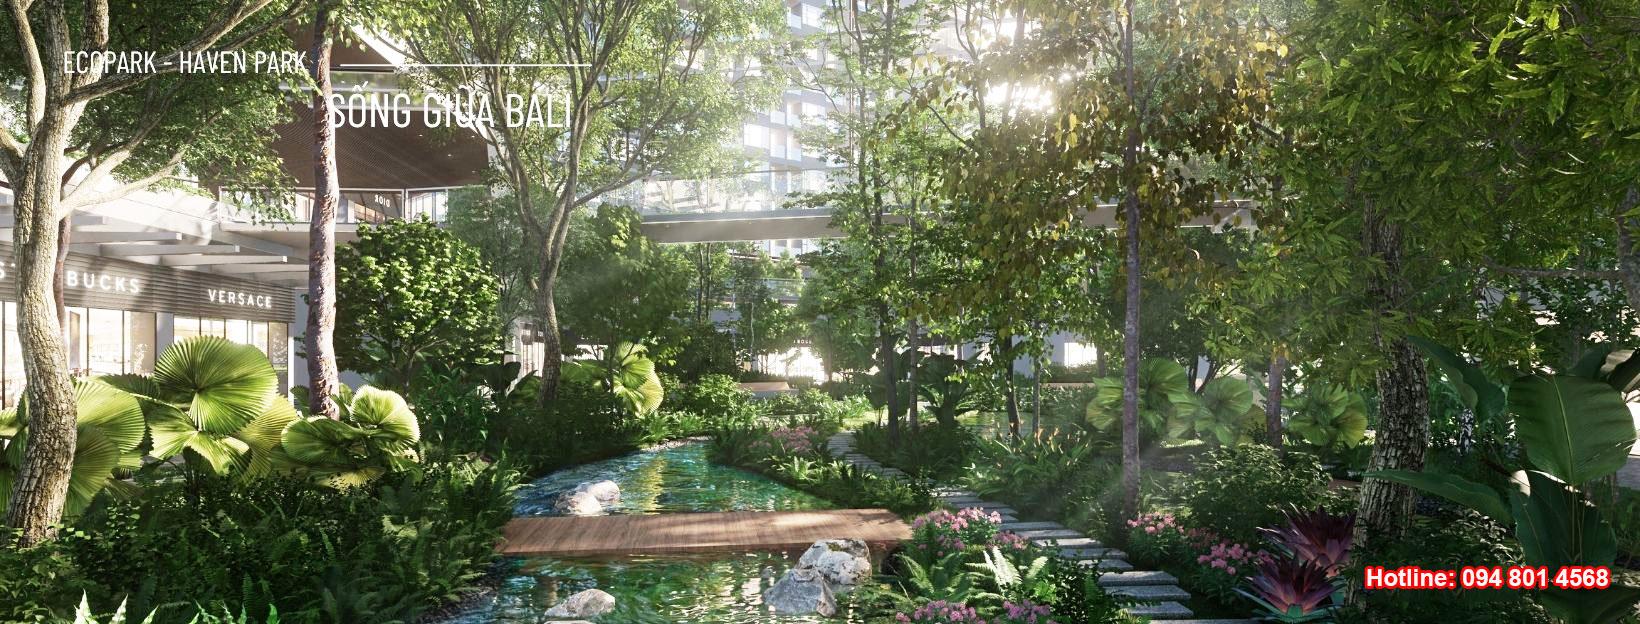 Chính sách bán hàng, tiến độ thanh toán Haven Park Ecopark có gì hấp dẫn?